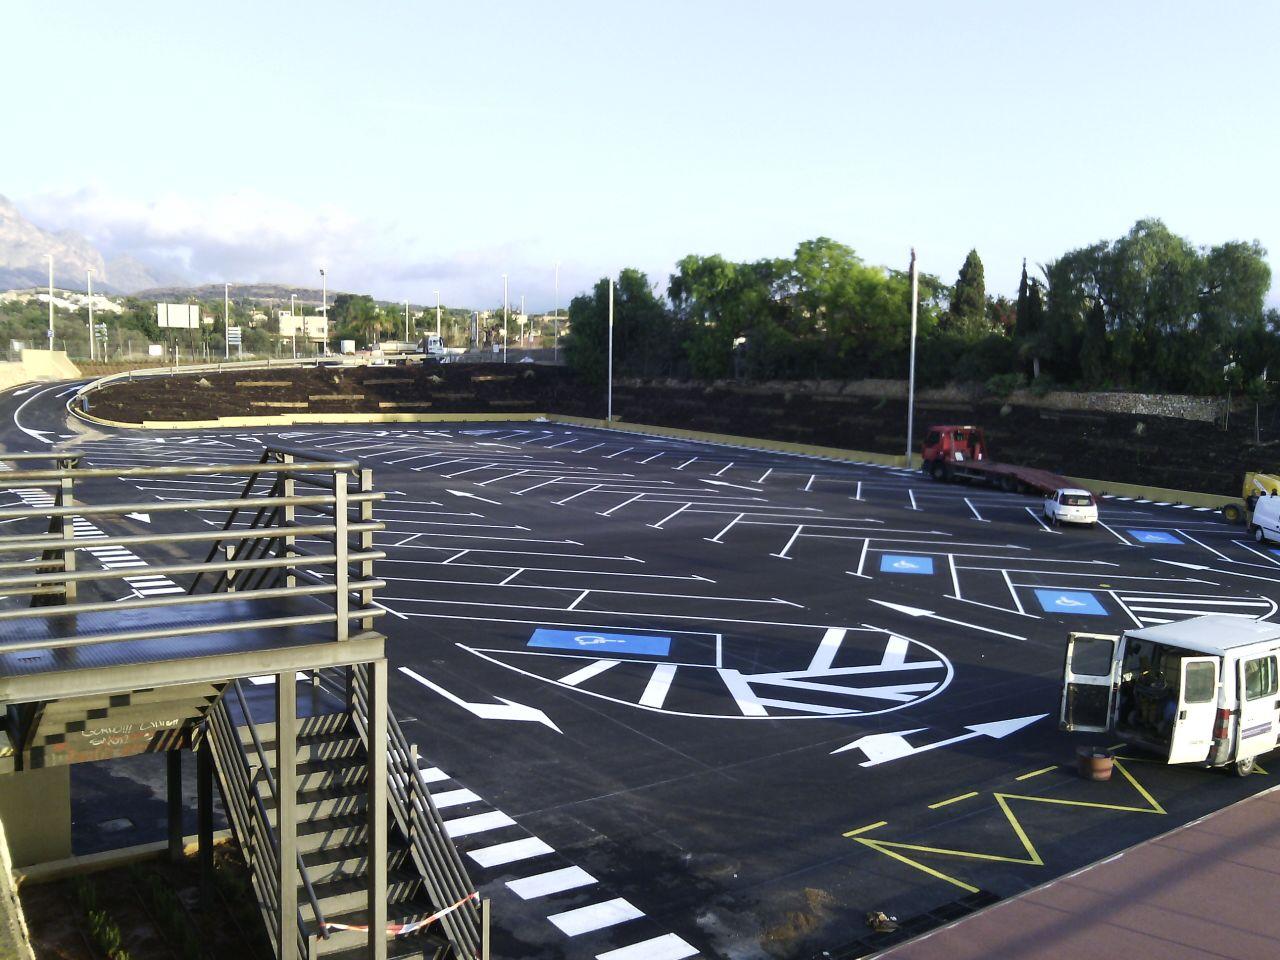 L'Alfàs crea un recinto multiusos junto al polideportivo municipal con 130 plazas de aparcamiento